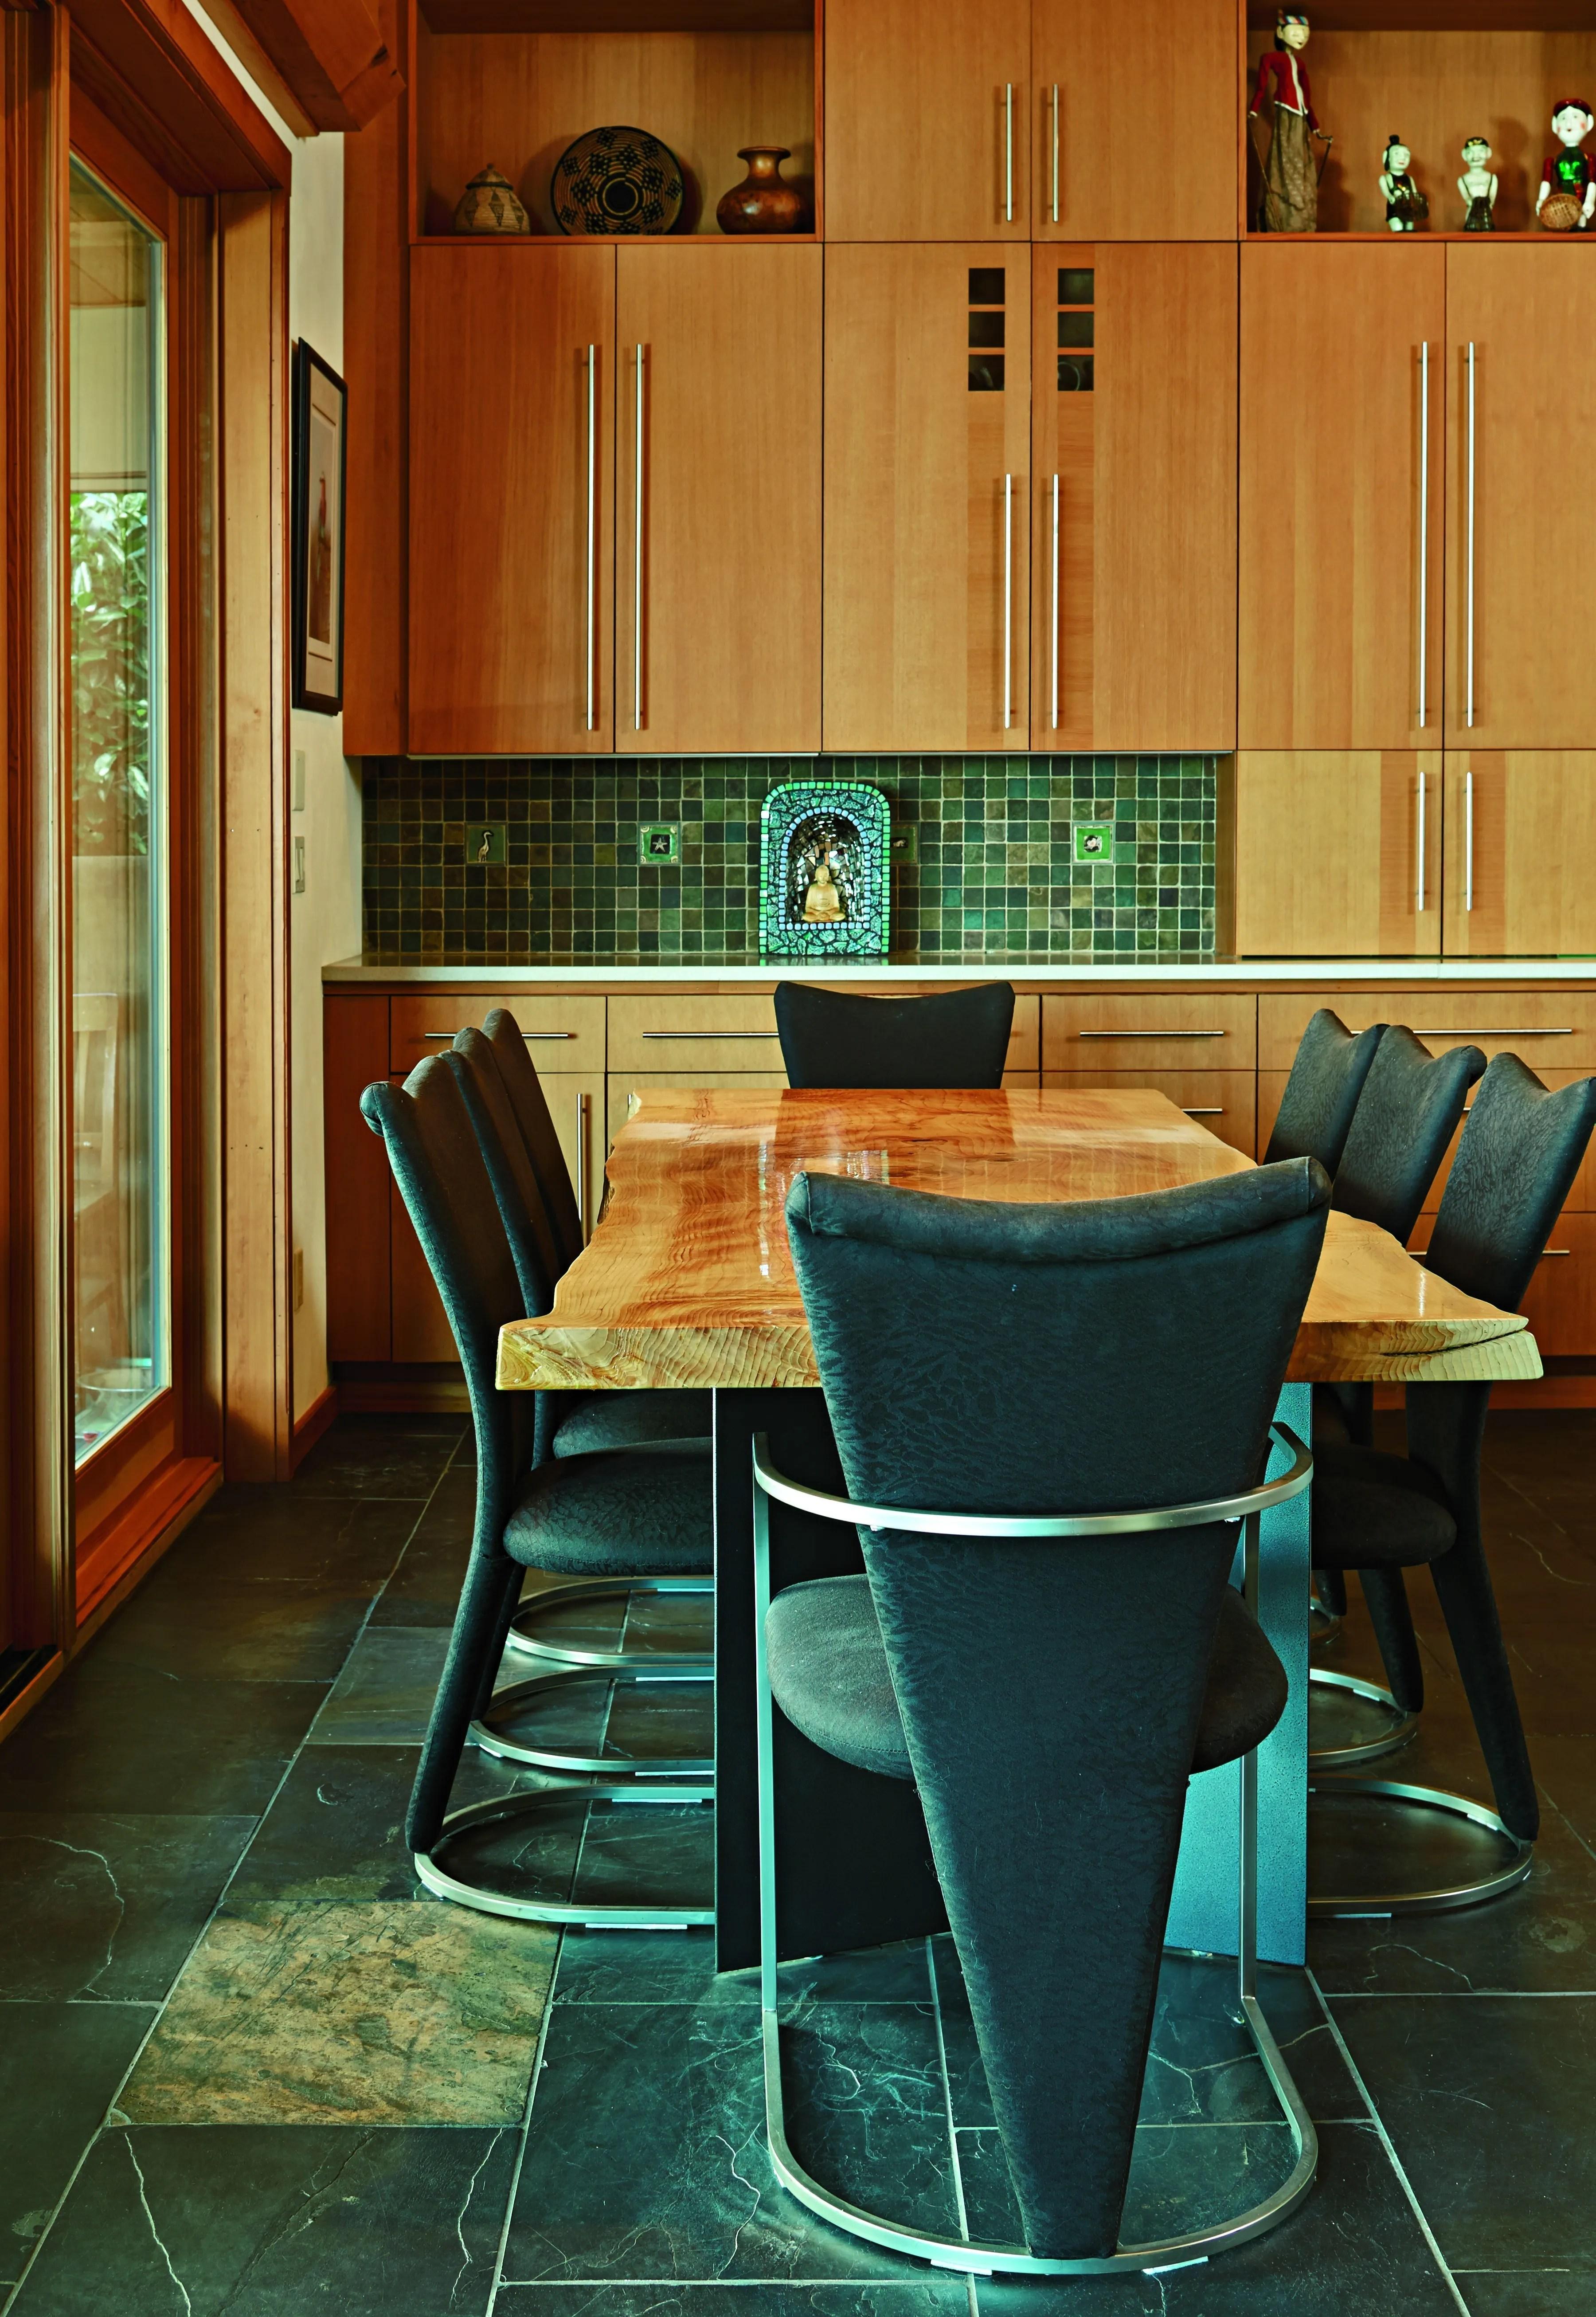 craigslist countertop craigslist kitchen cabinets Craigslist Kitchen Cabinets Phoenix Used